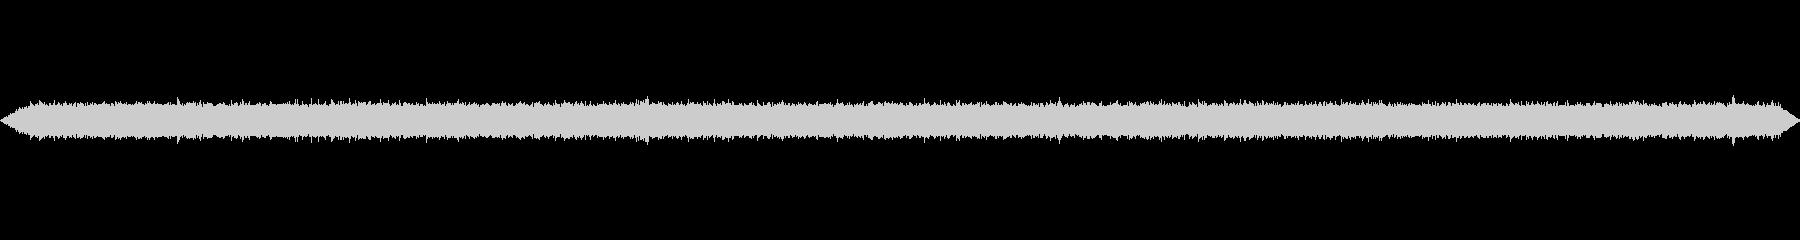 排水路の水が流れる音 の未再生の波形